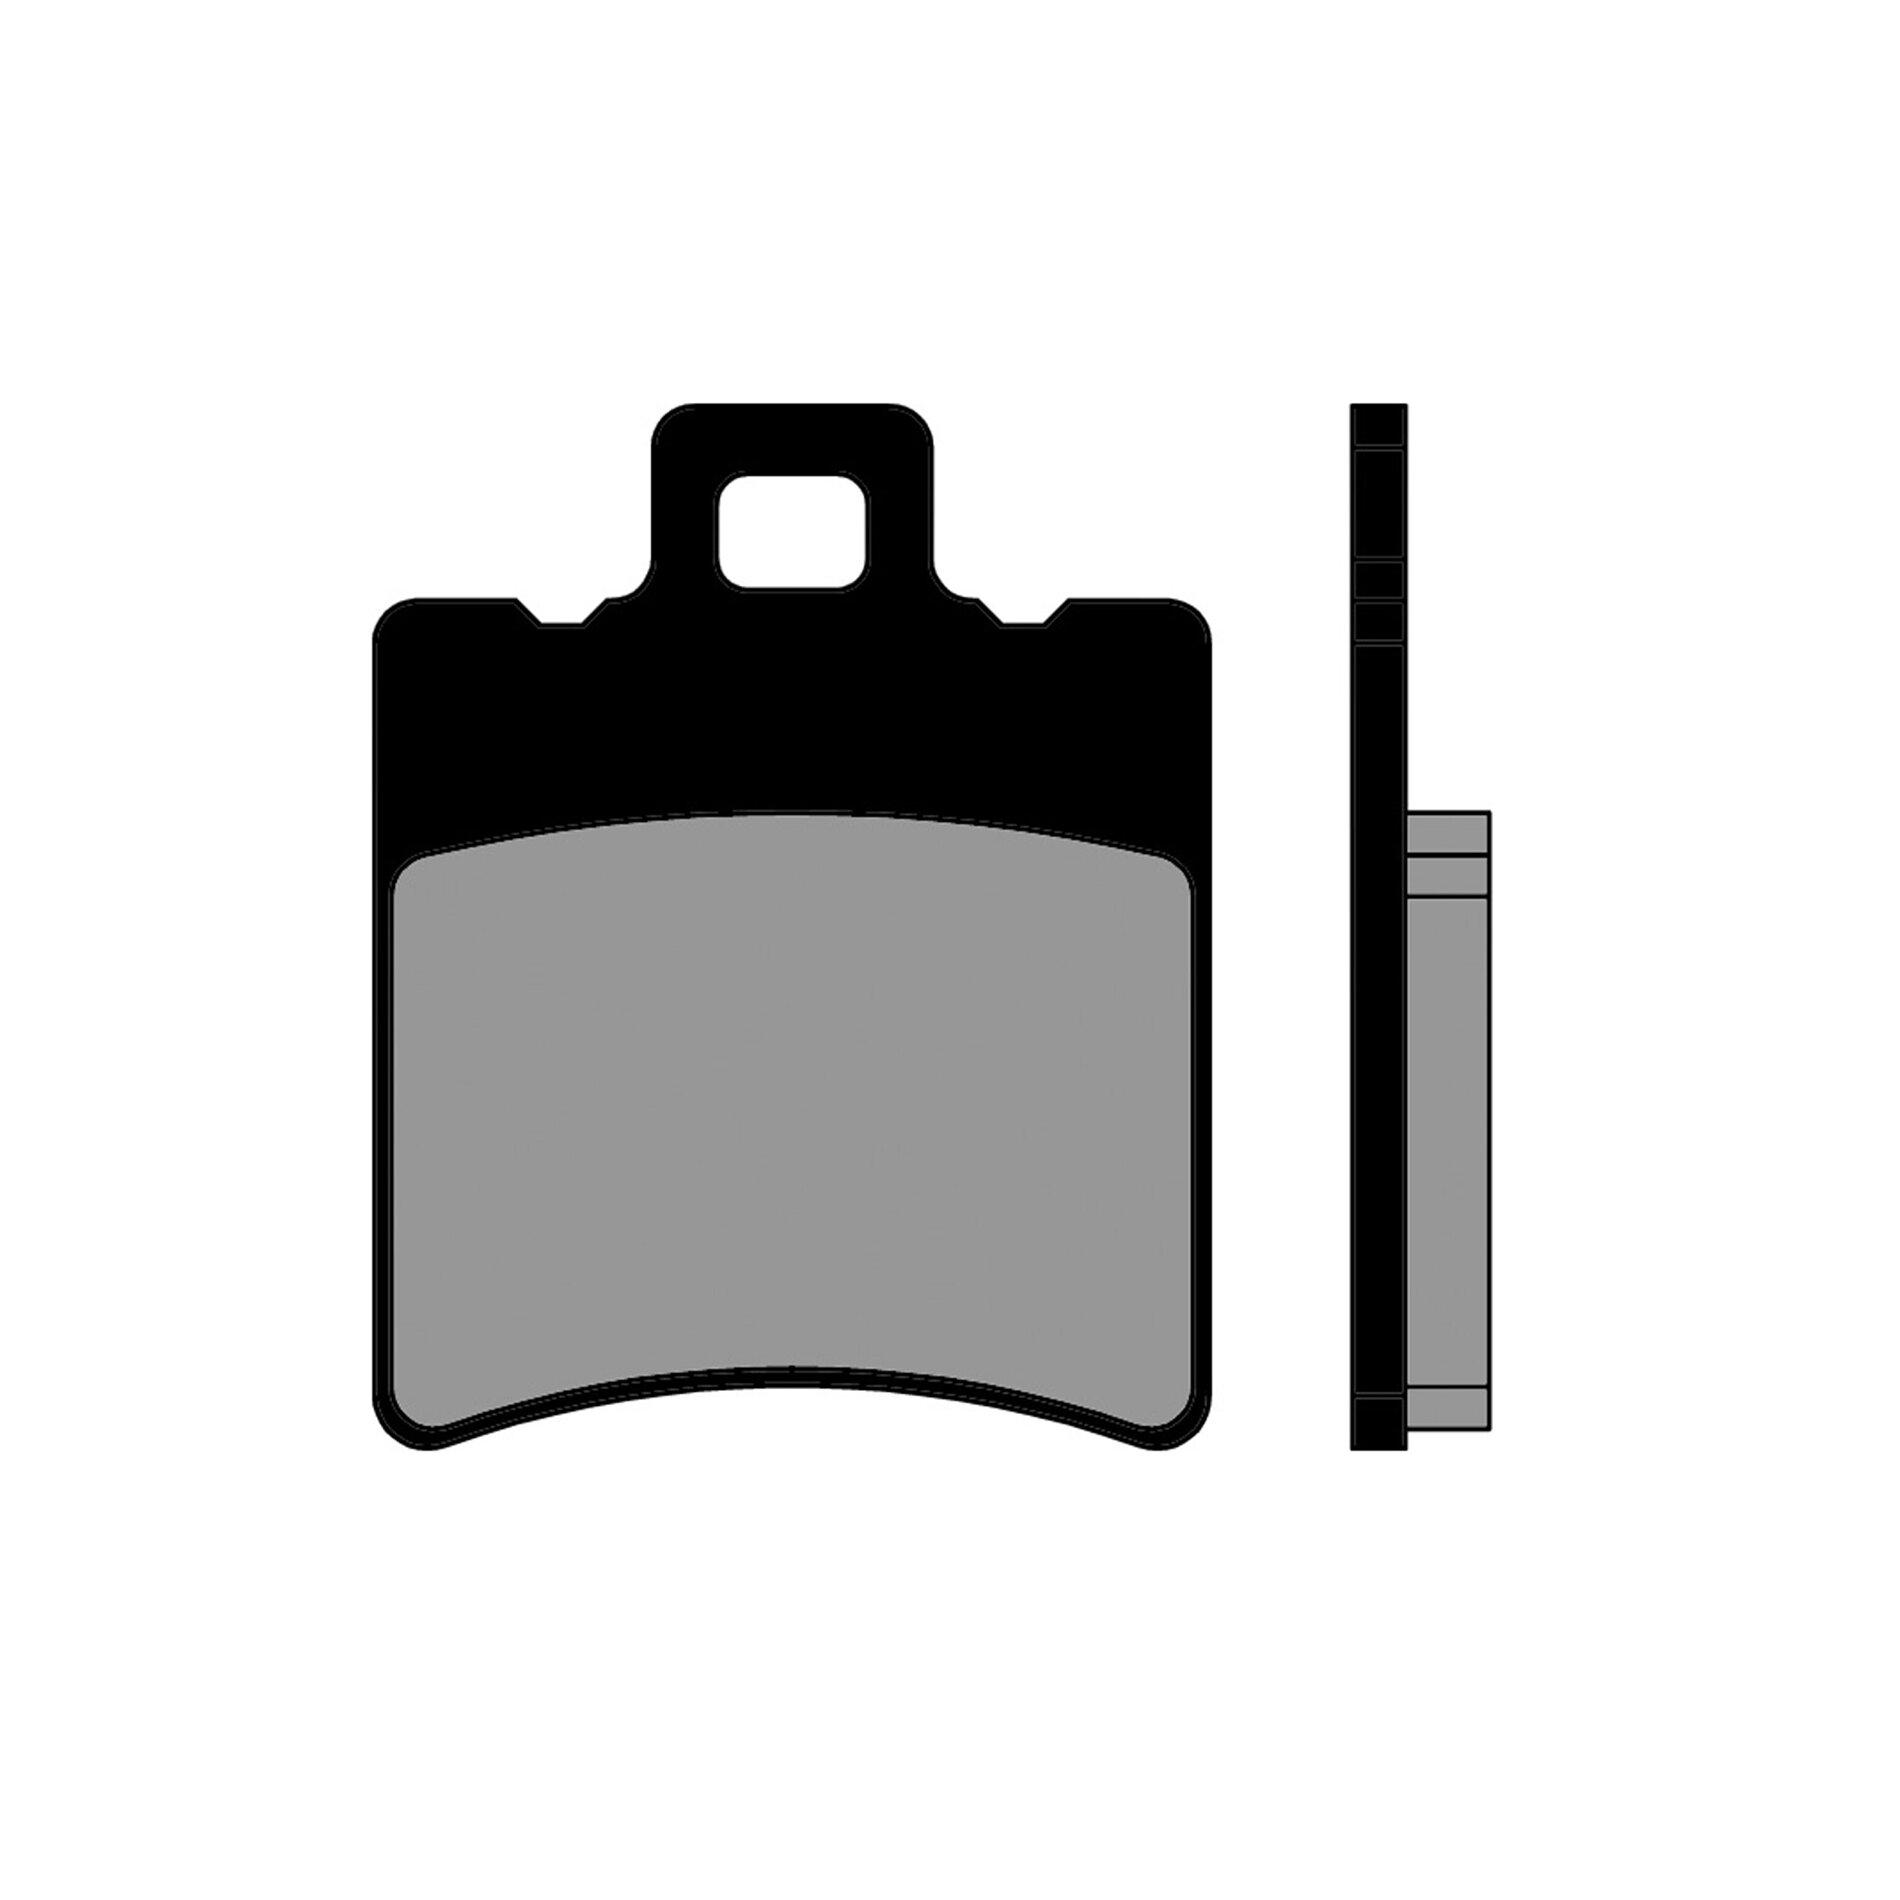 Plaquettes de frein Polini avant Booster/Nitro/SR50/Runner/Stalker/NRG